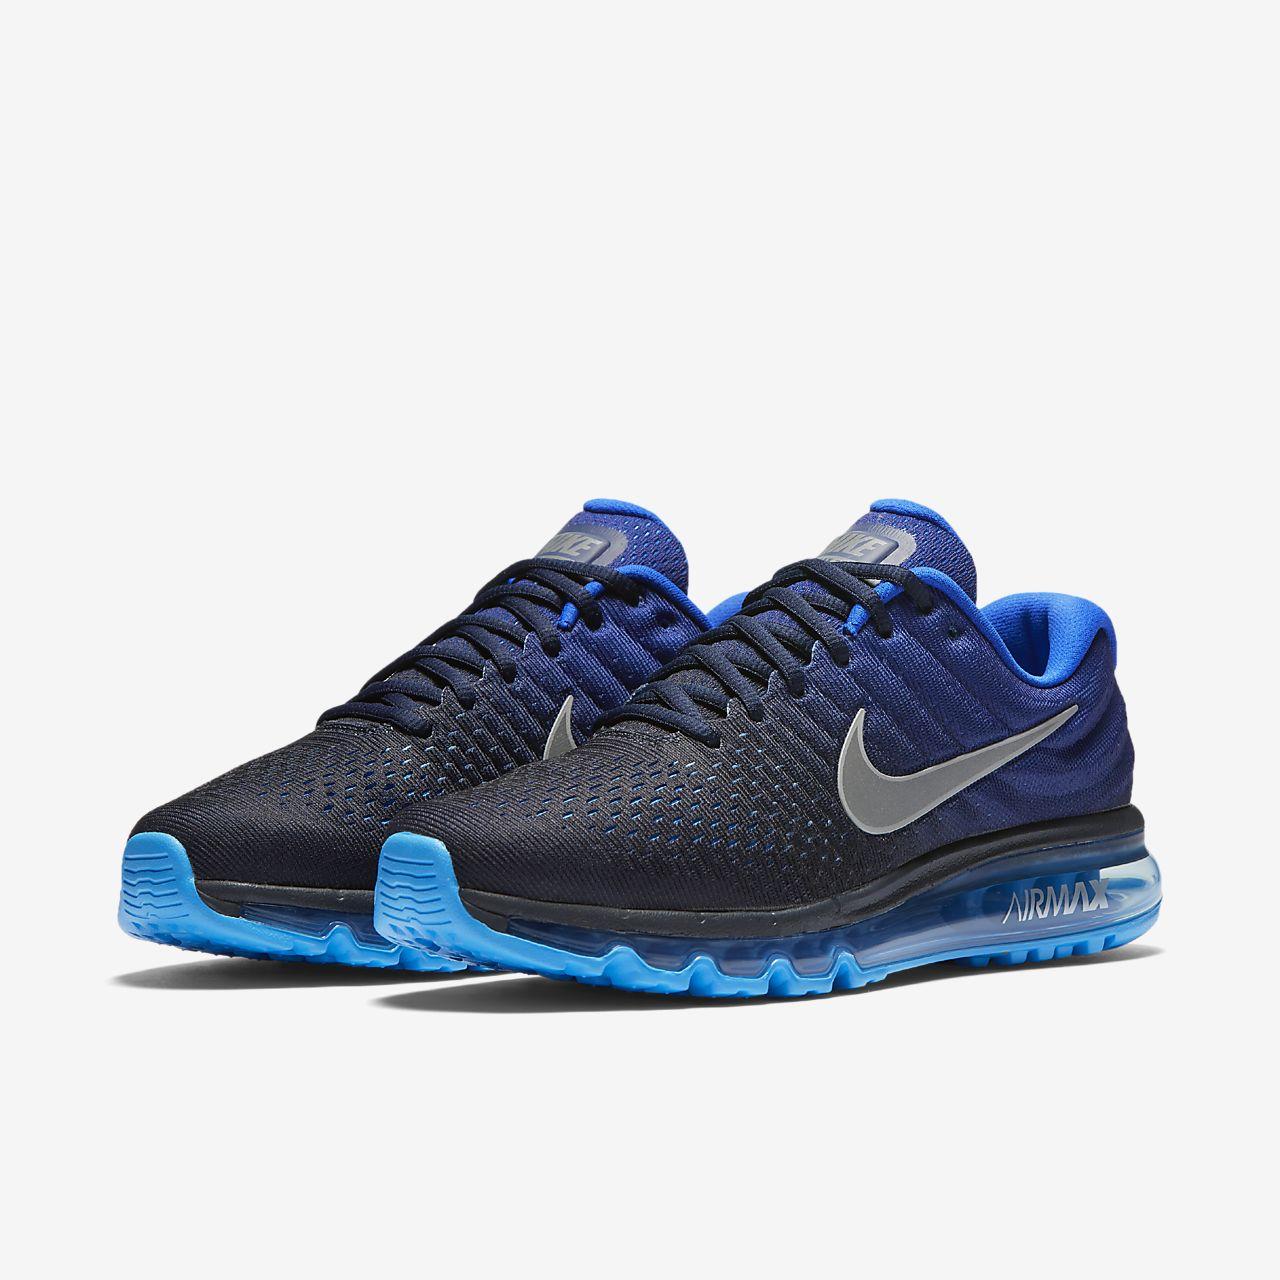 Nike Air Max 2015 Des Femmes De Chaussure De Course 190 $ Personnaliser Les Acheteurs